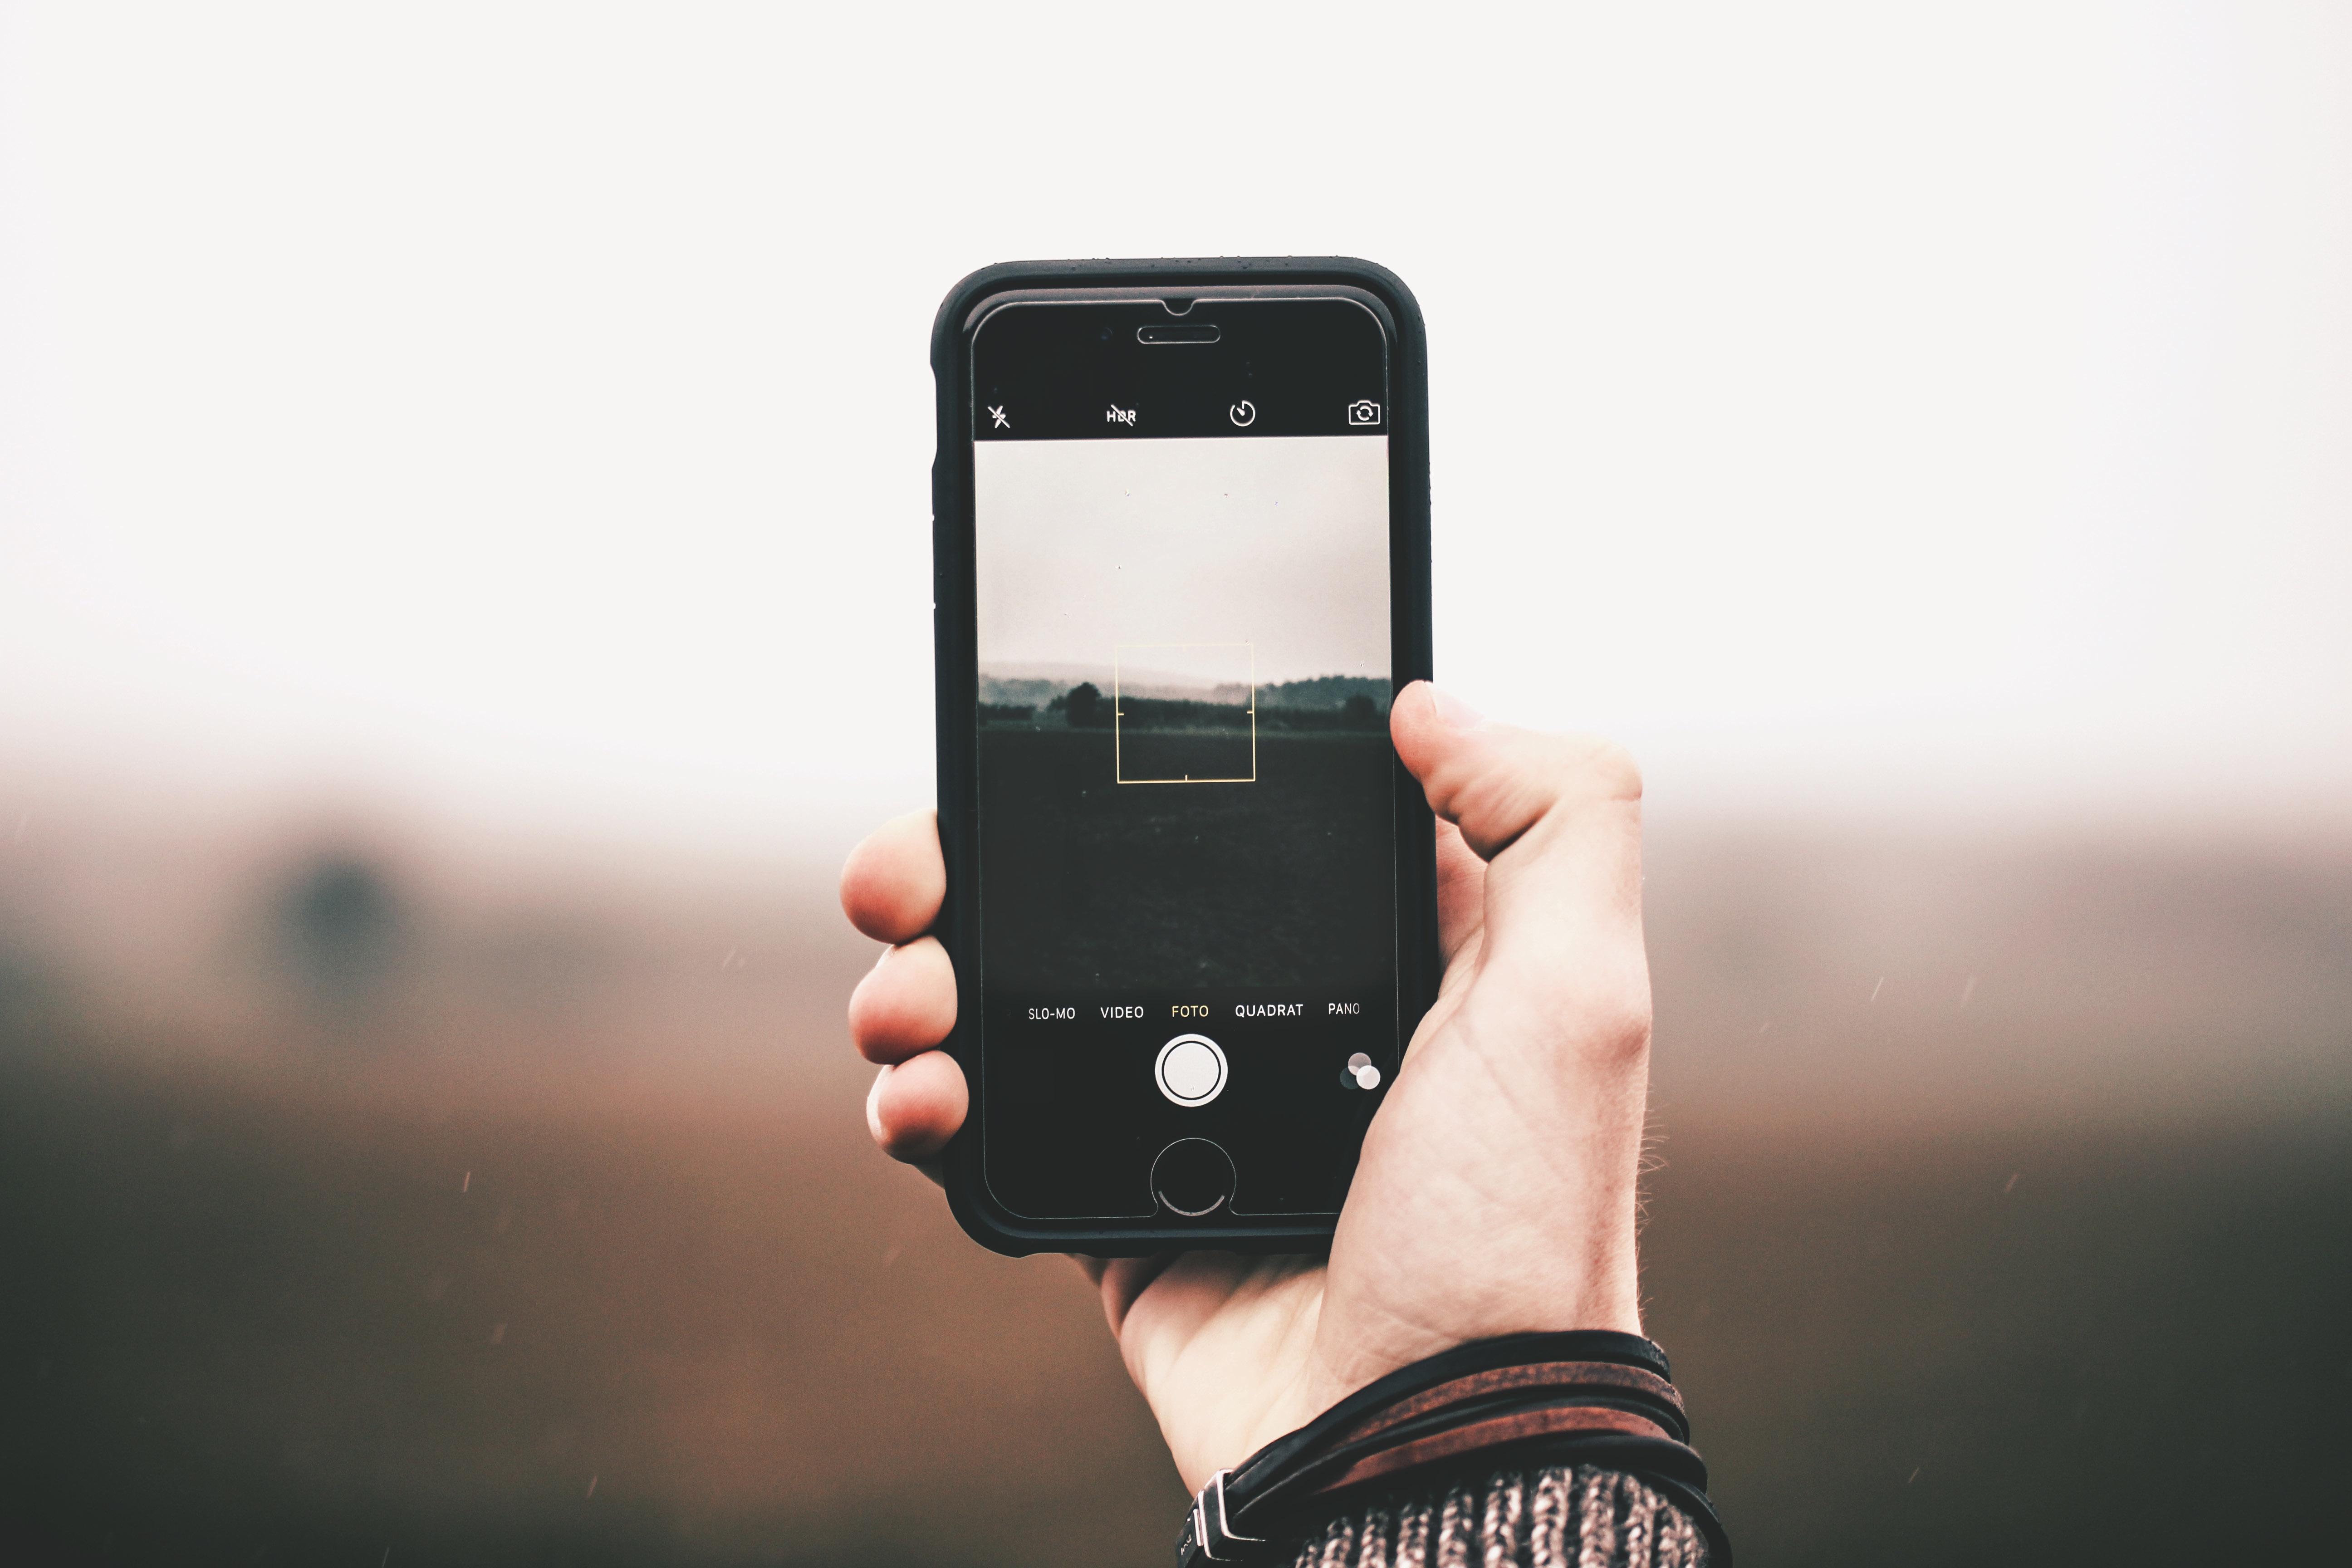 появилось телефон фотографирует а фото черное подарок или красивый